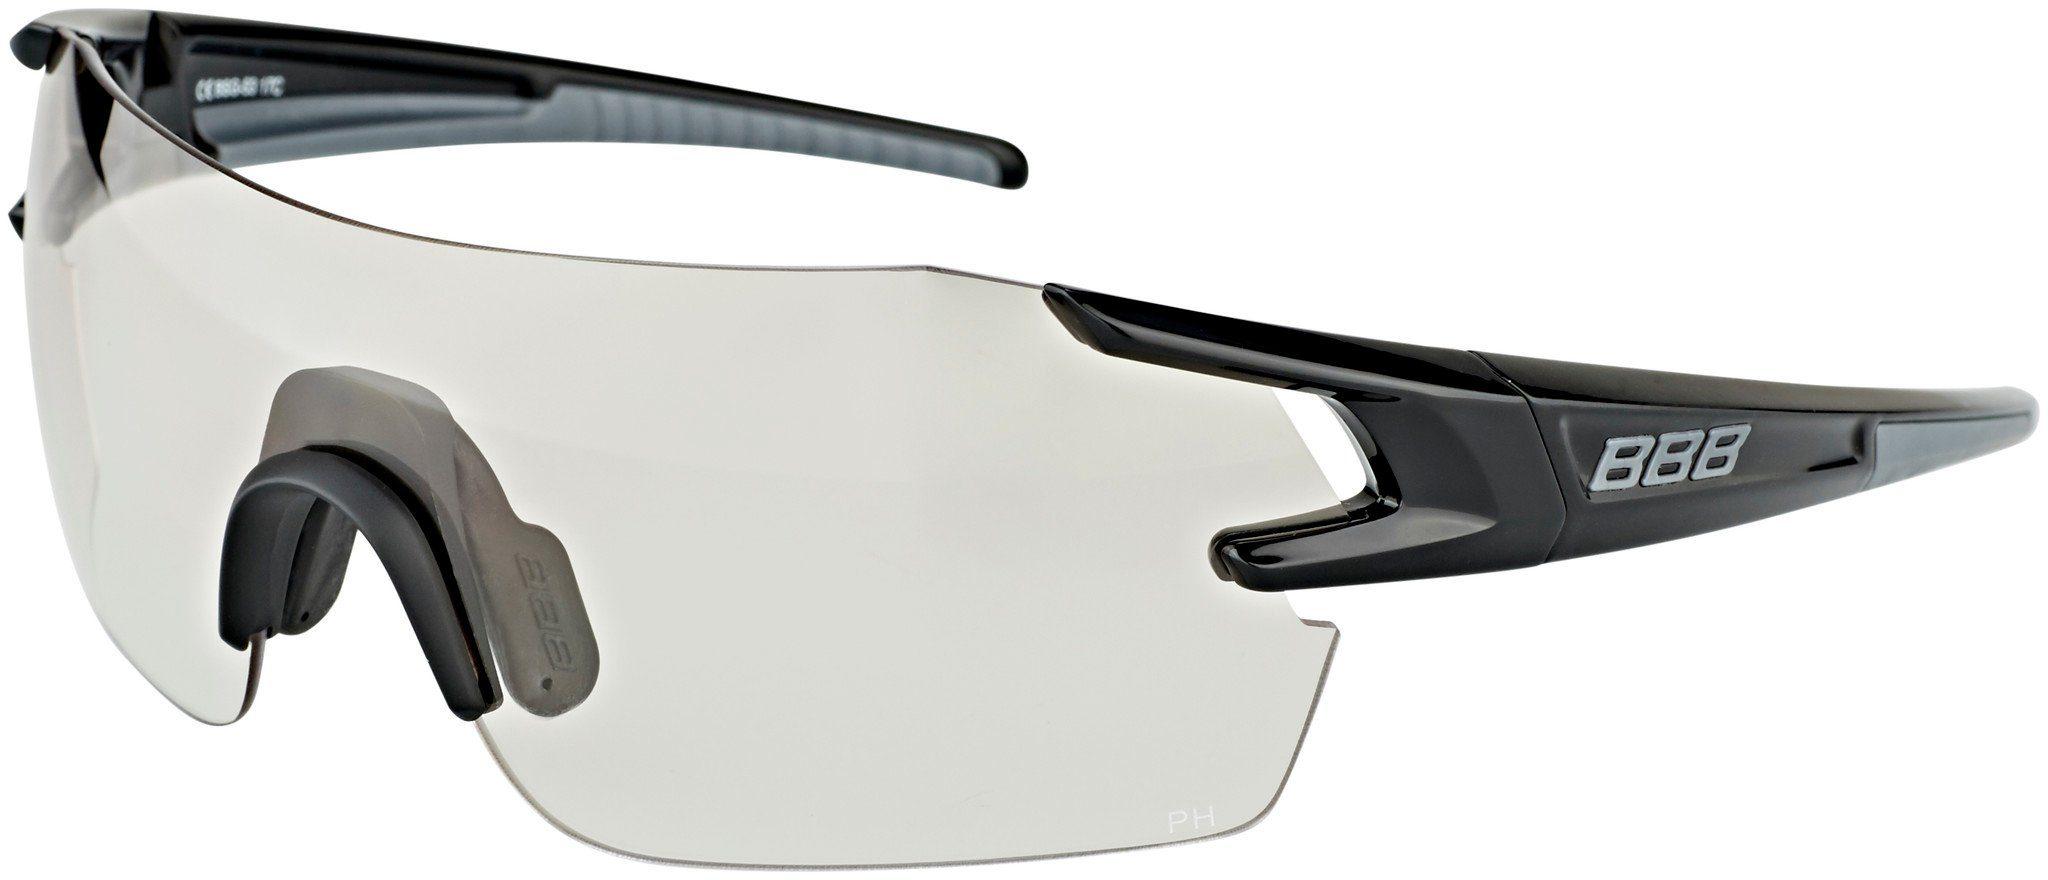 BBB Sportbrille »FullView BSG-53PH Sportbrille«